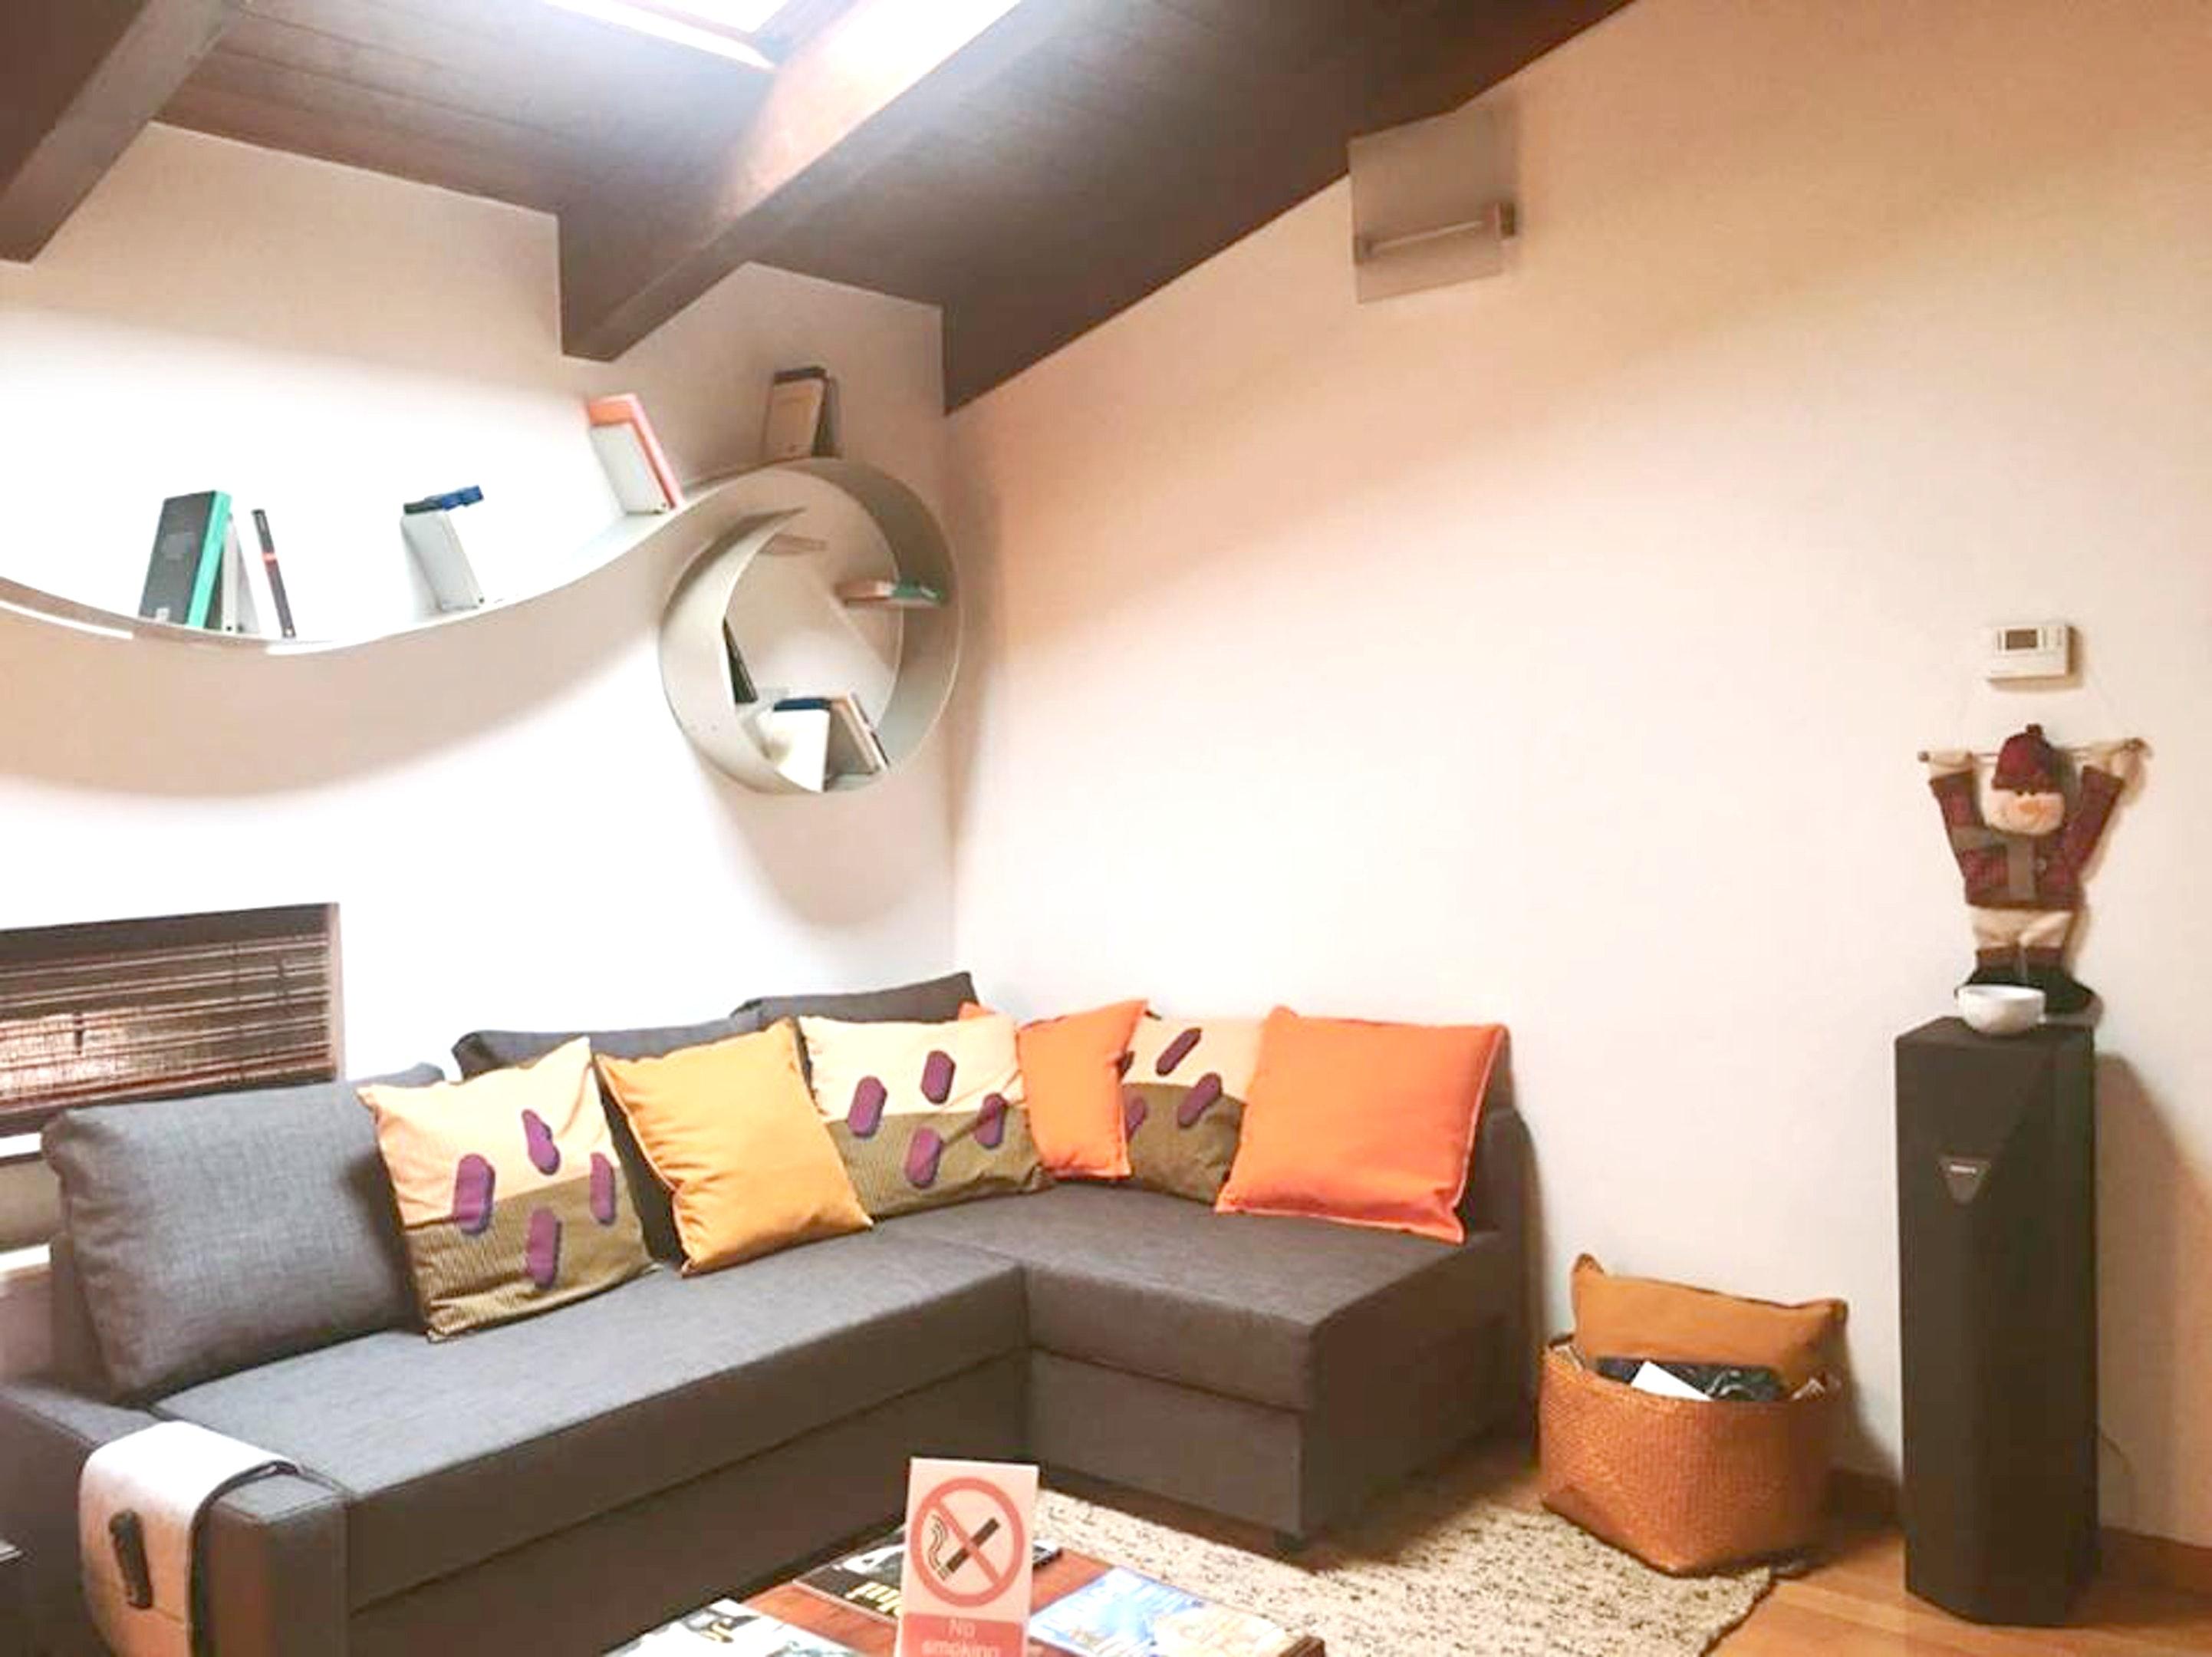 Ferienhaus Haus mit 2 Schlafzimmern in Salerno mit möblierter Terrasse und W-LAN (2644279), Salerno, Salerno, Kampanien, Italien, Bild 5